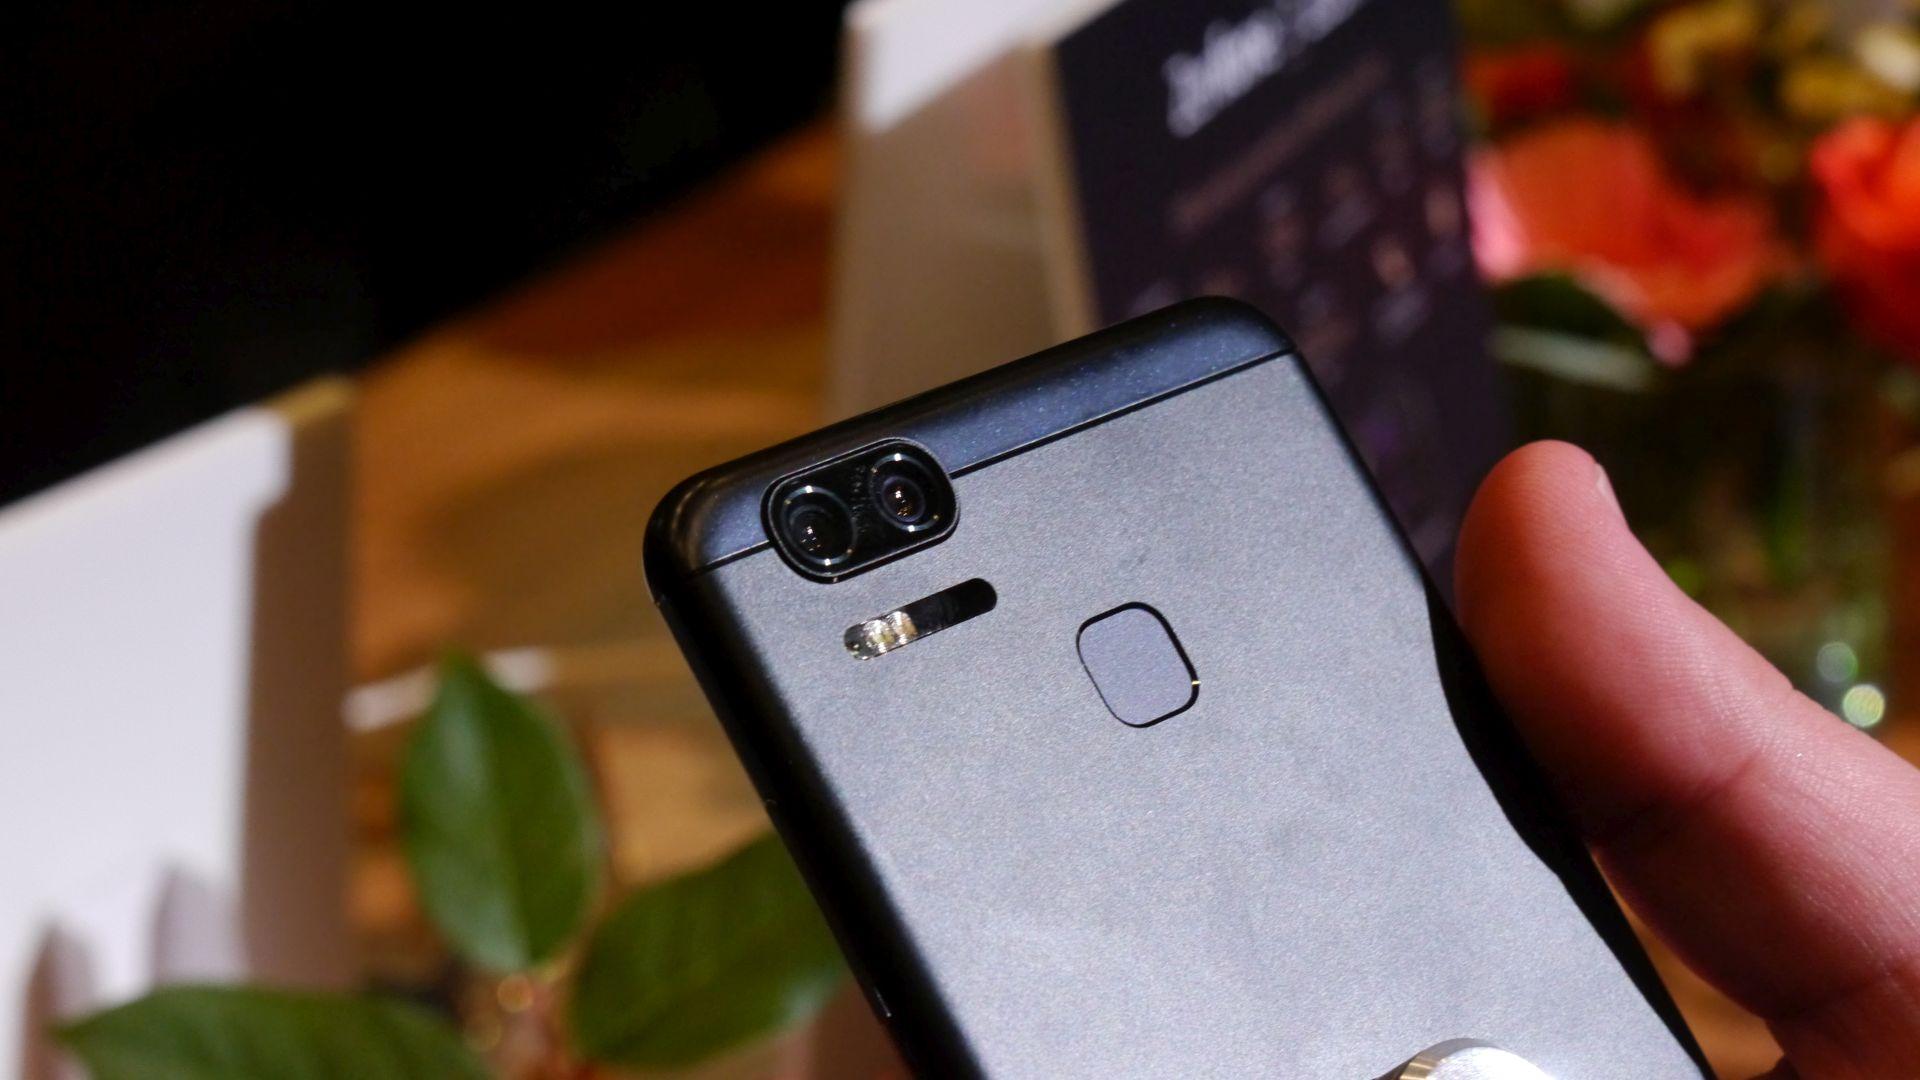 Zenfone 3 Zoom: Asus präsentiert neues Smartphone mit Zoomfunktion - Ein Objektiv hat eine Brennweite von 25 mm, das andere 56 mm. (Bild: Marc Sauter/Golem.de)